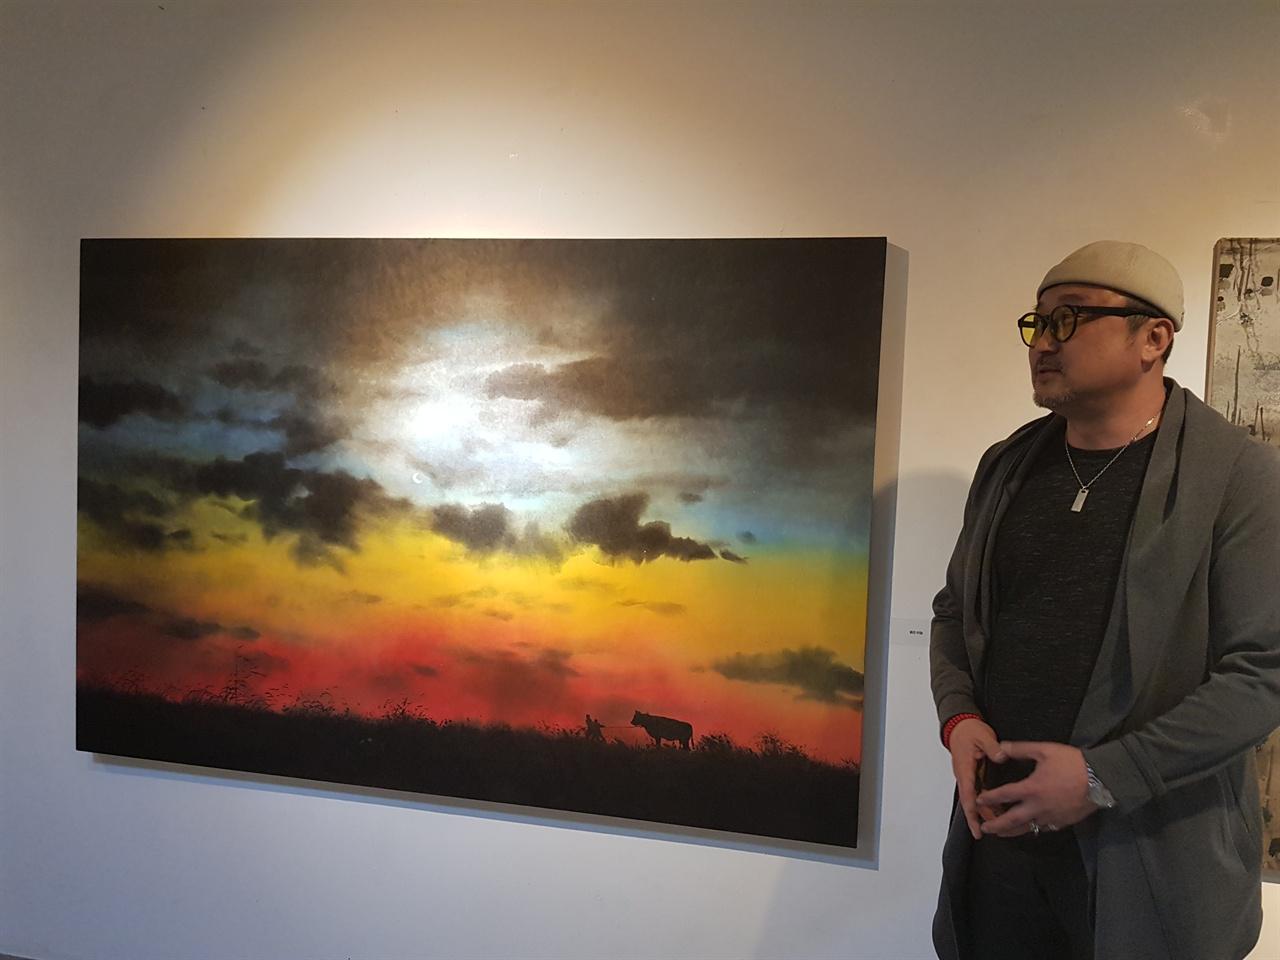 붉은 하늘.  허달용.  122 x184cm.  한지에 수묵채색.  2018 / 허달용 작가가 직접 작품에 대해 설명을 하고 있다.